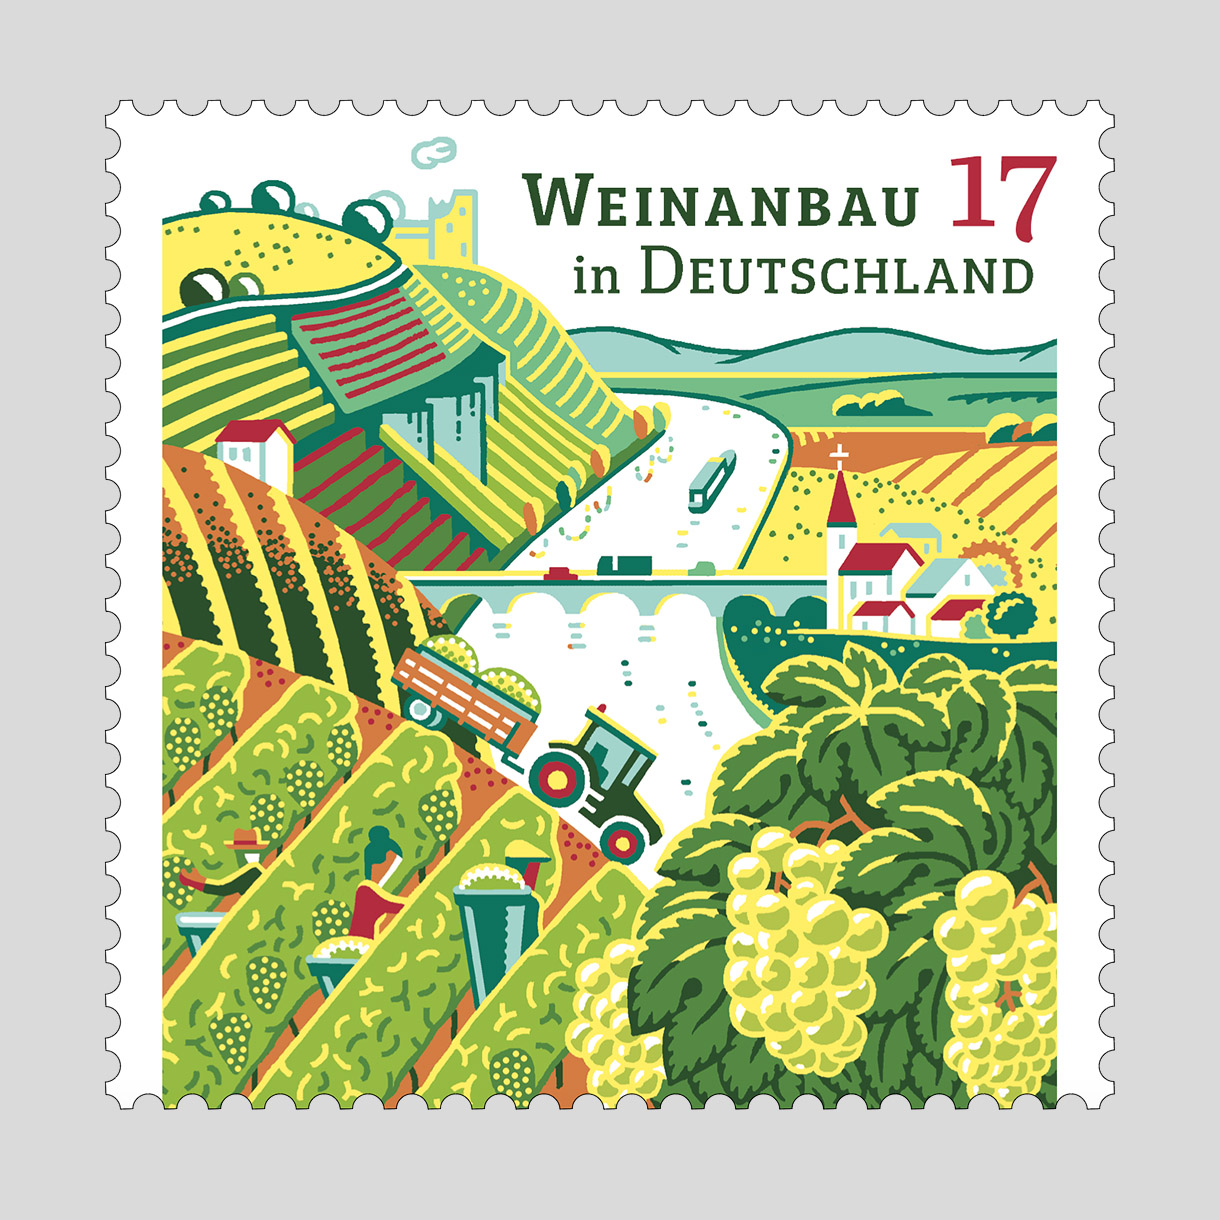 Weinanbau in Deutschland